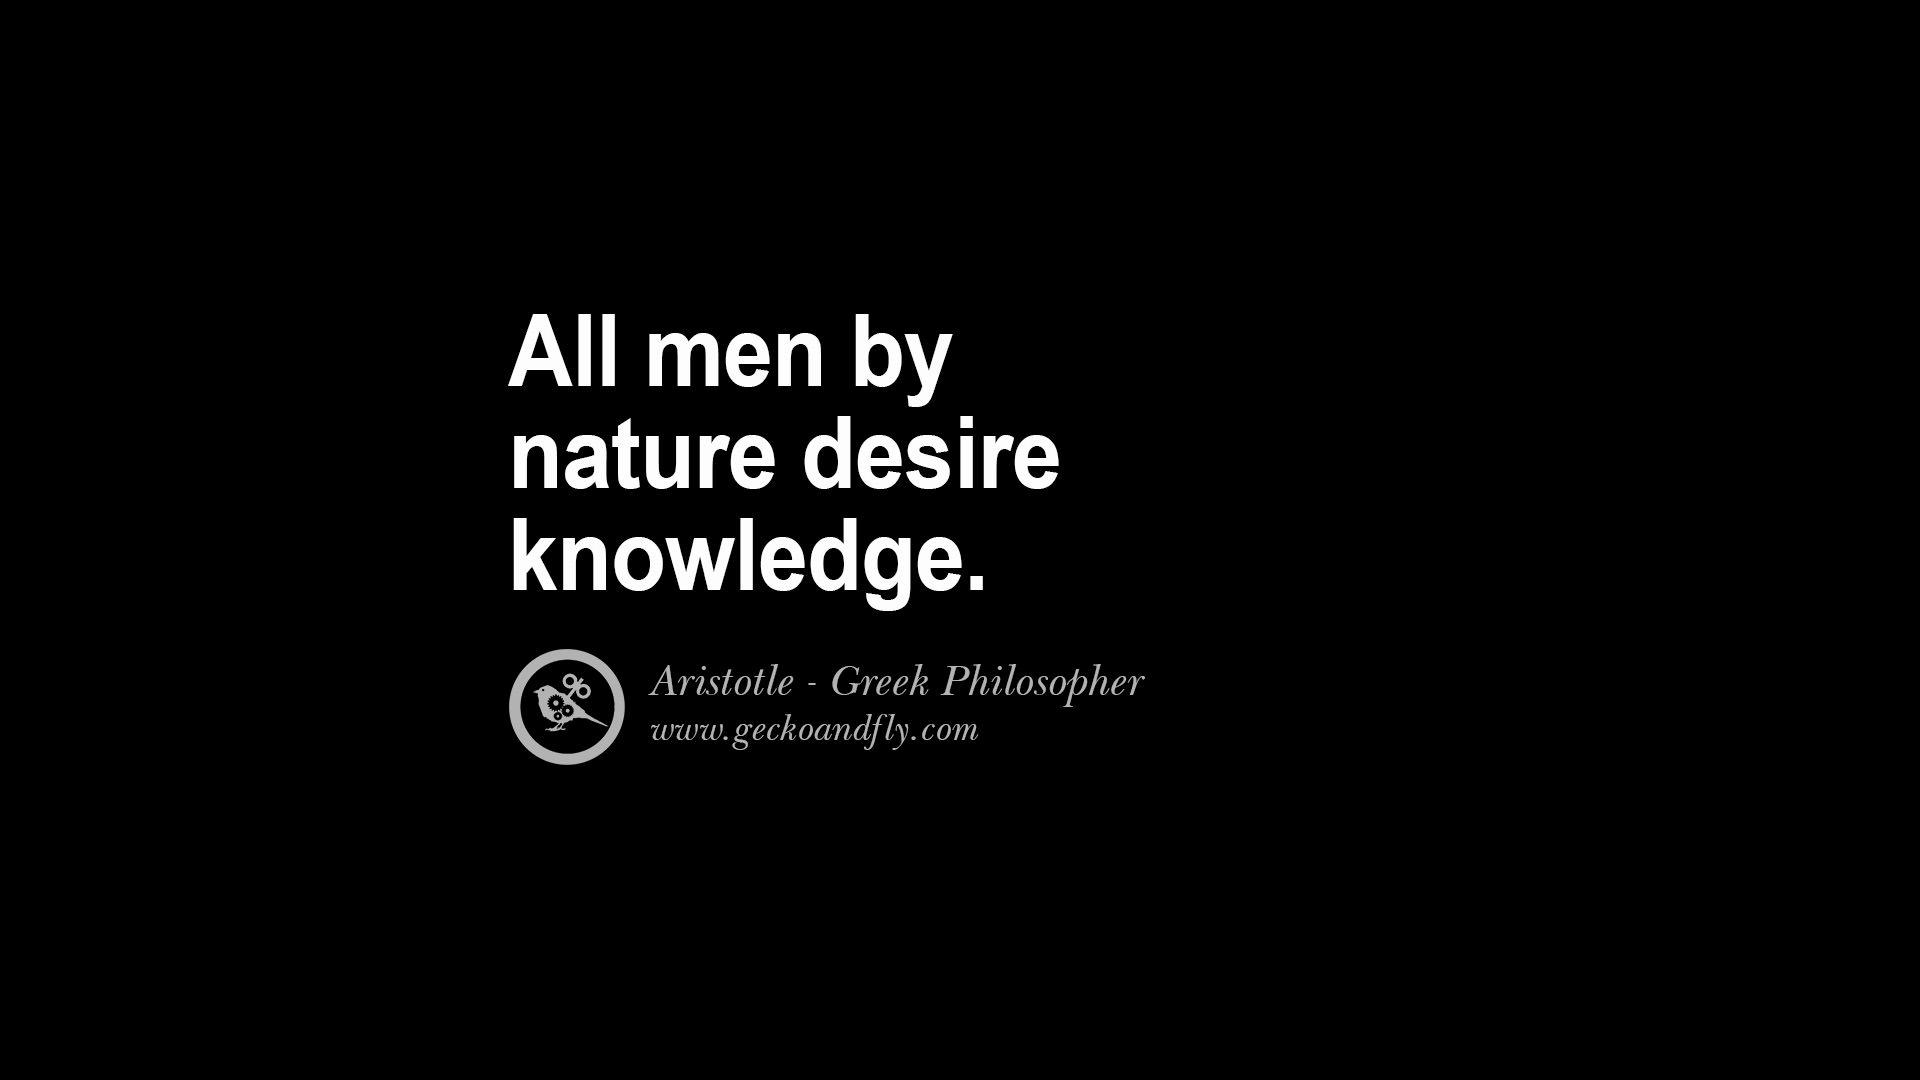 """a description of aristotle statement all men by nature desire knowledge Platón sócrates arist ó teles la escuela de athenas (raphael) 1510 -11 pitágoras euclides """"all men by nature desire knowledge"""": aristotle la hipotenusa es el lado más largo de un triángulo rectángulo."""